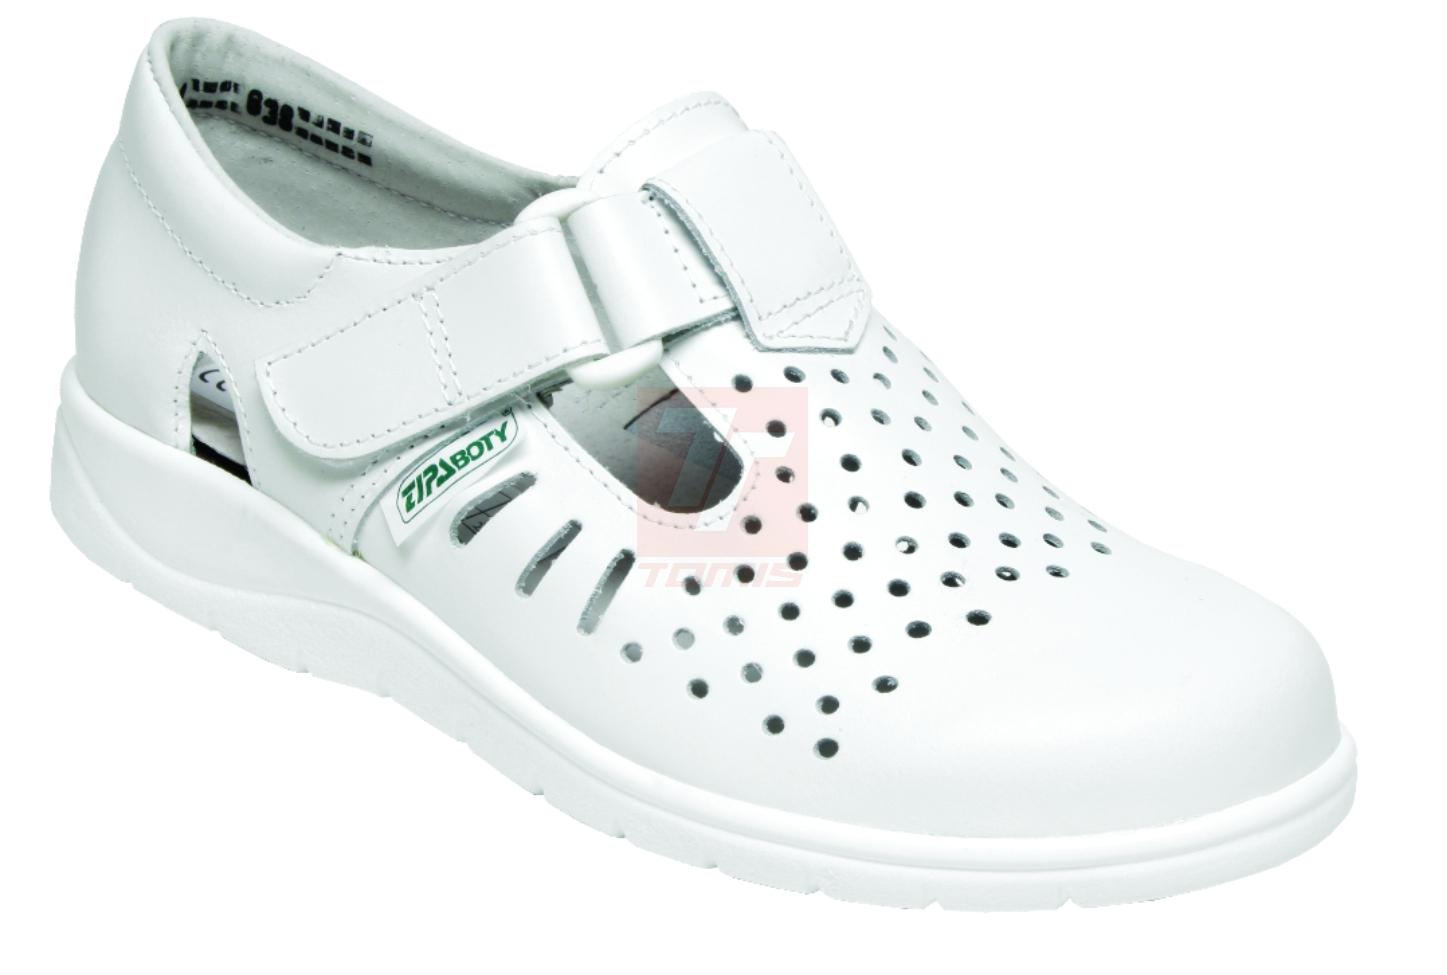 Pracovní obuv TIPA 5240 pánská (42-46) - B301223